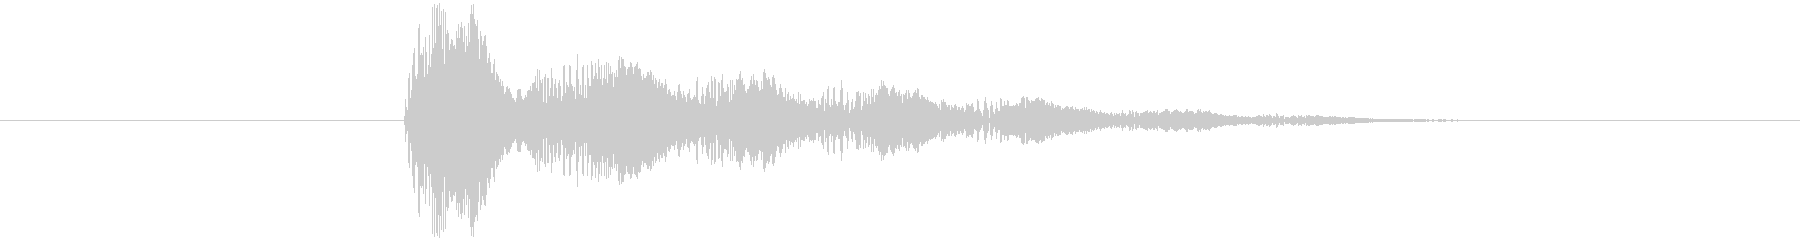 プルプル音(スライム・ゼリー系)7の未再生の波形